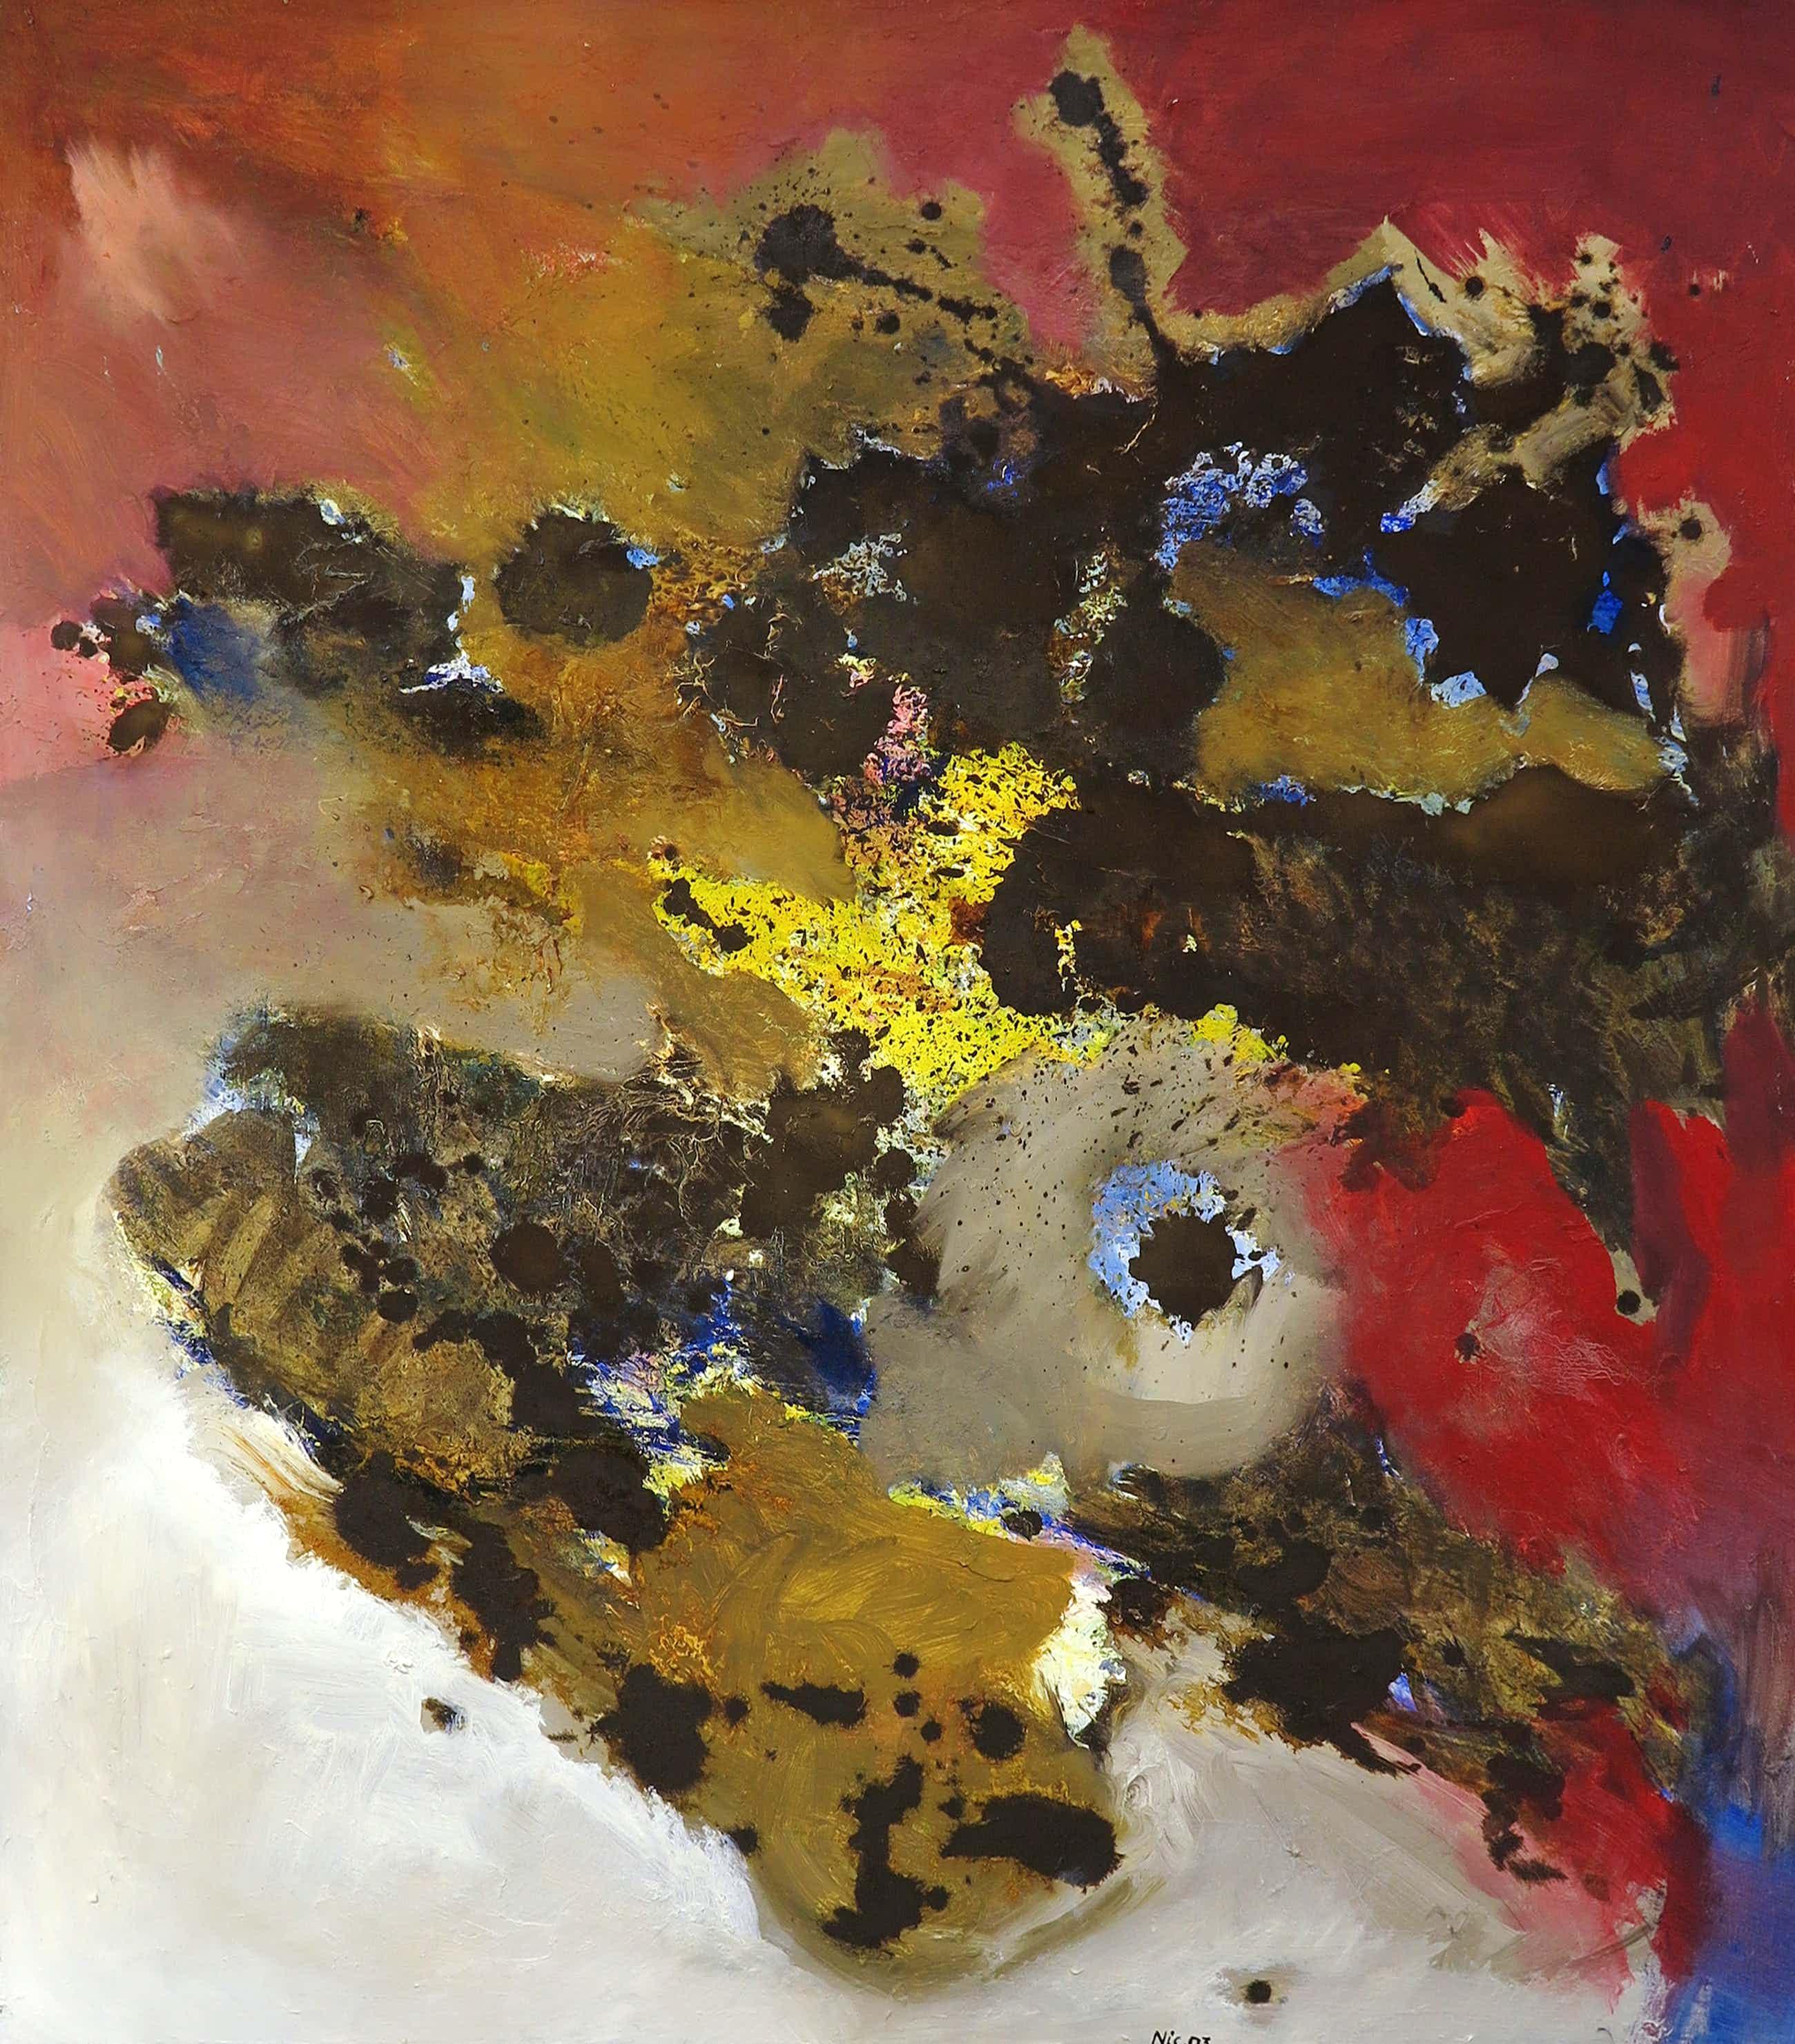 Frans Nicolai - Gemengde techniek op doek, Abstracte compositie - Ingelijst (Groot) kopen? Bied vanaf 73!